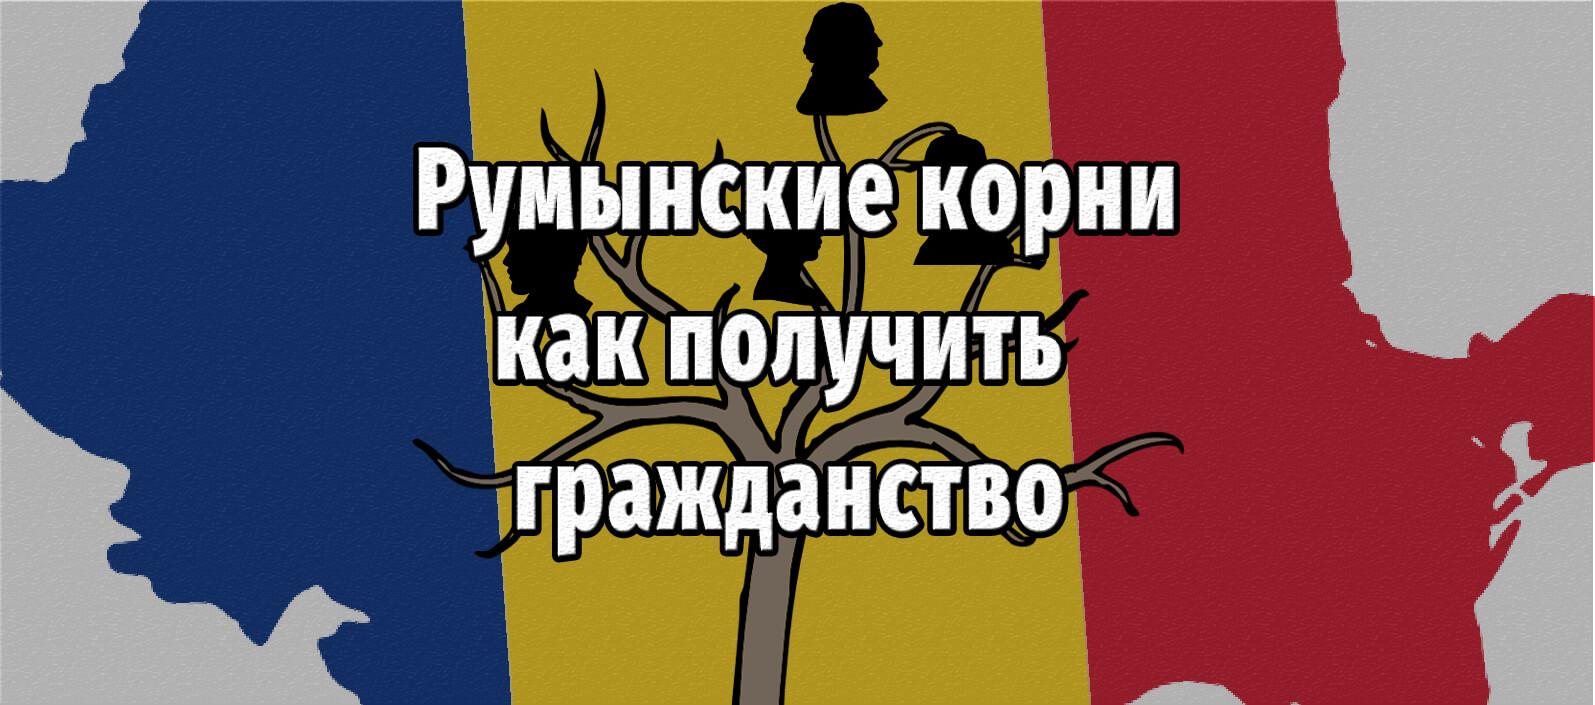 гражданство румынии по корням